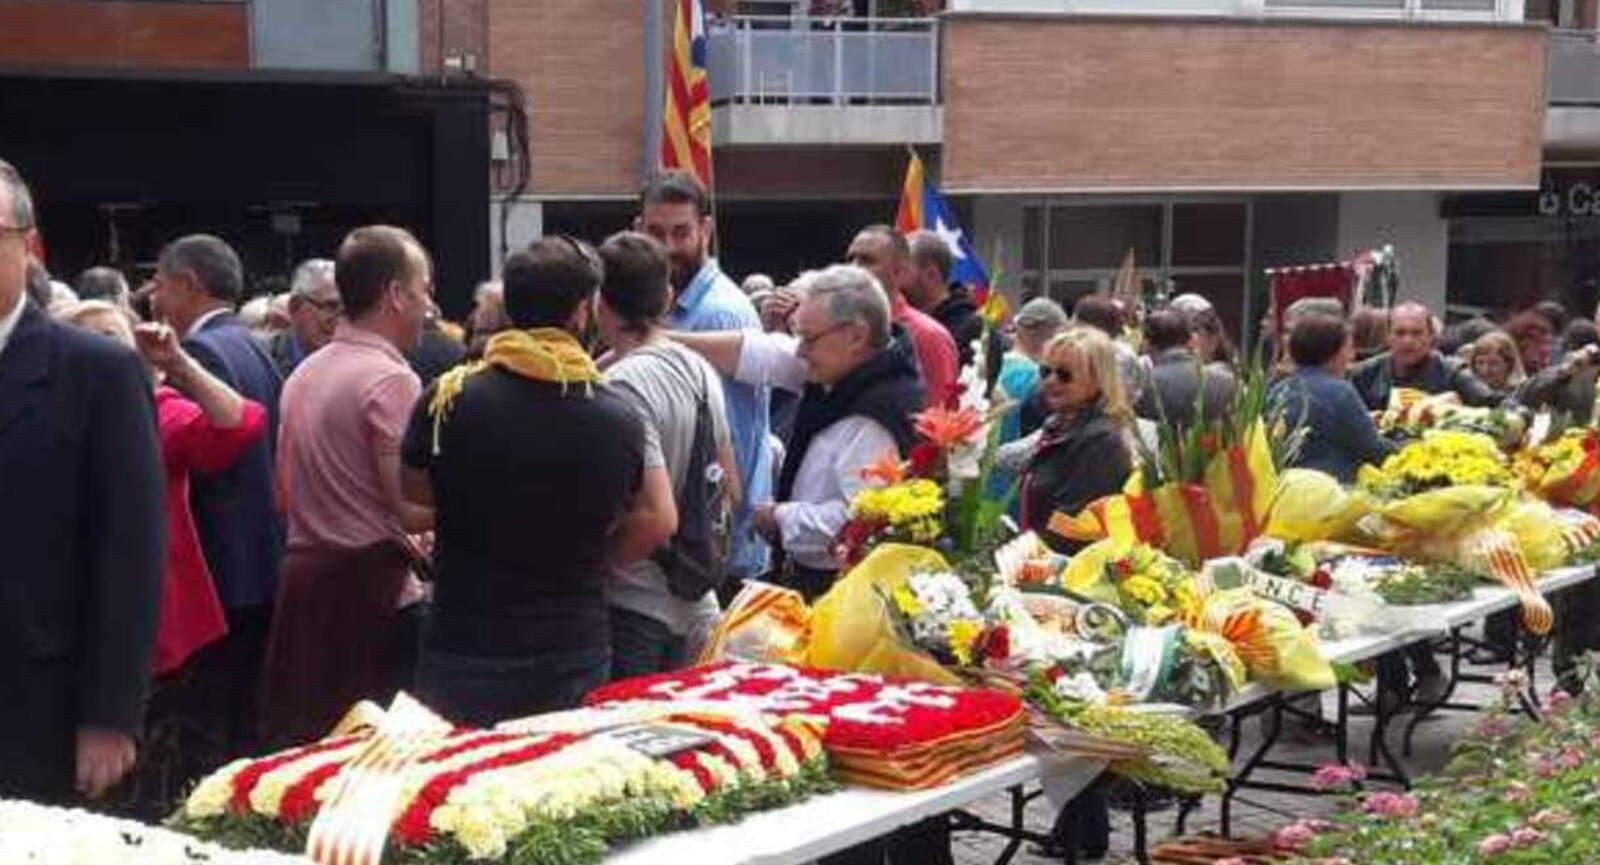 Ofrena floral a la plaça 11 de setembre de Terrassa